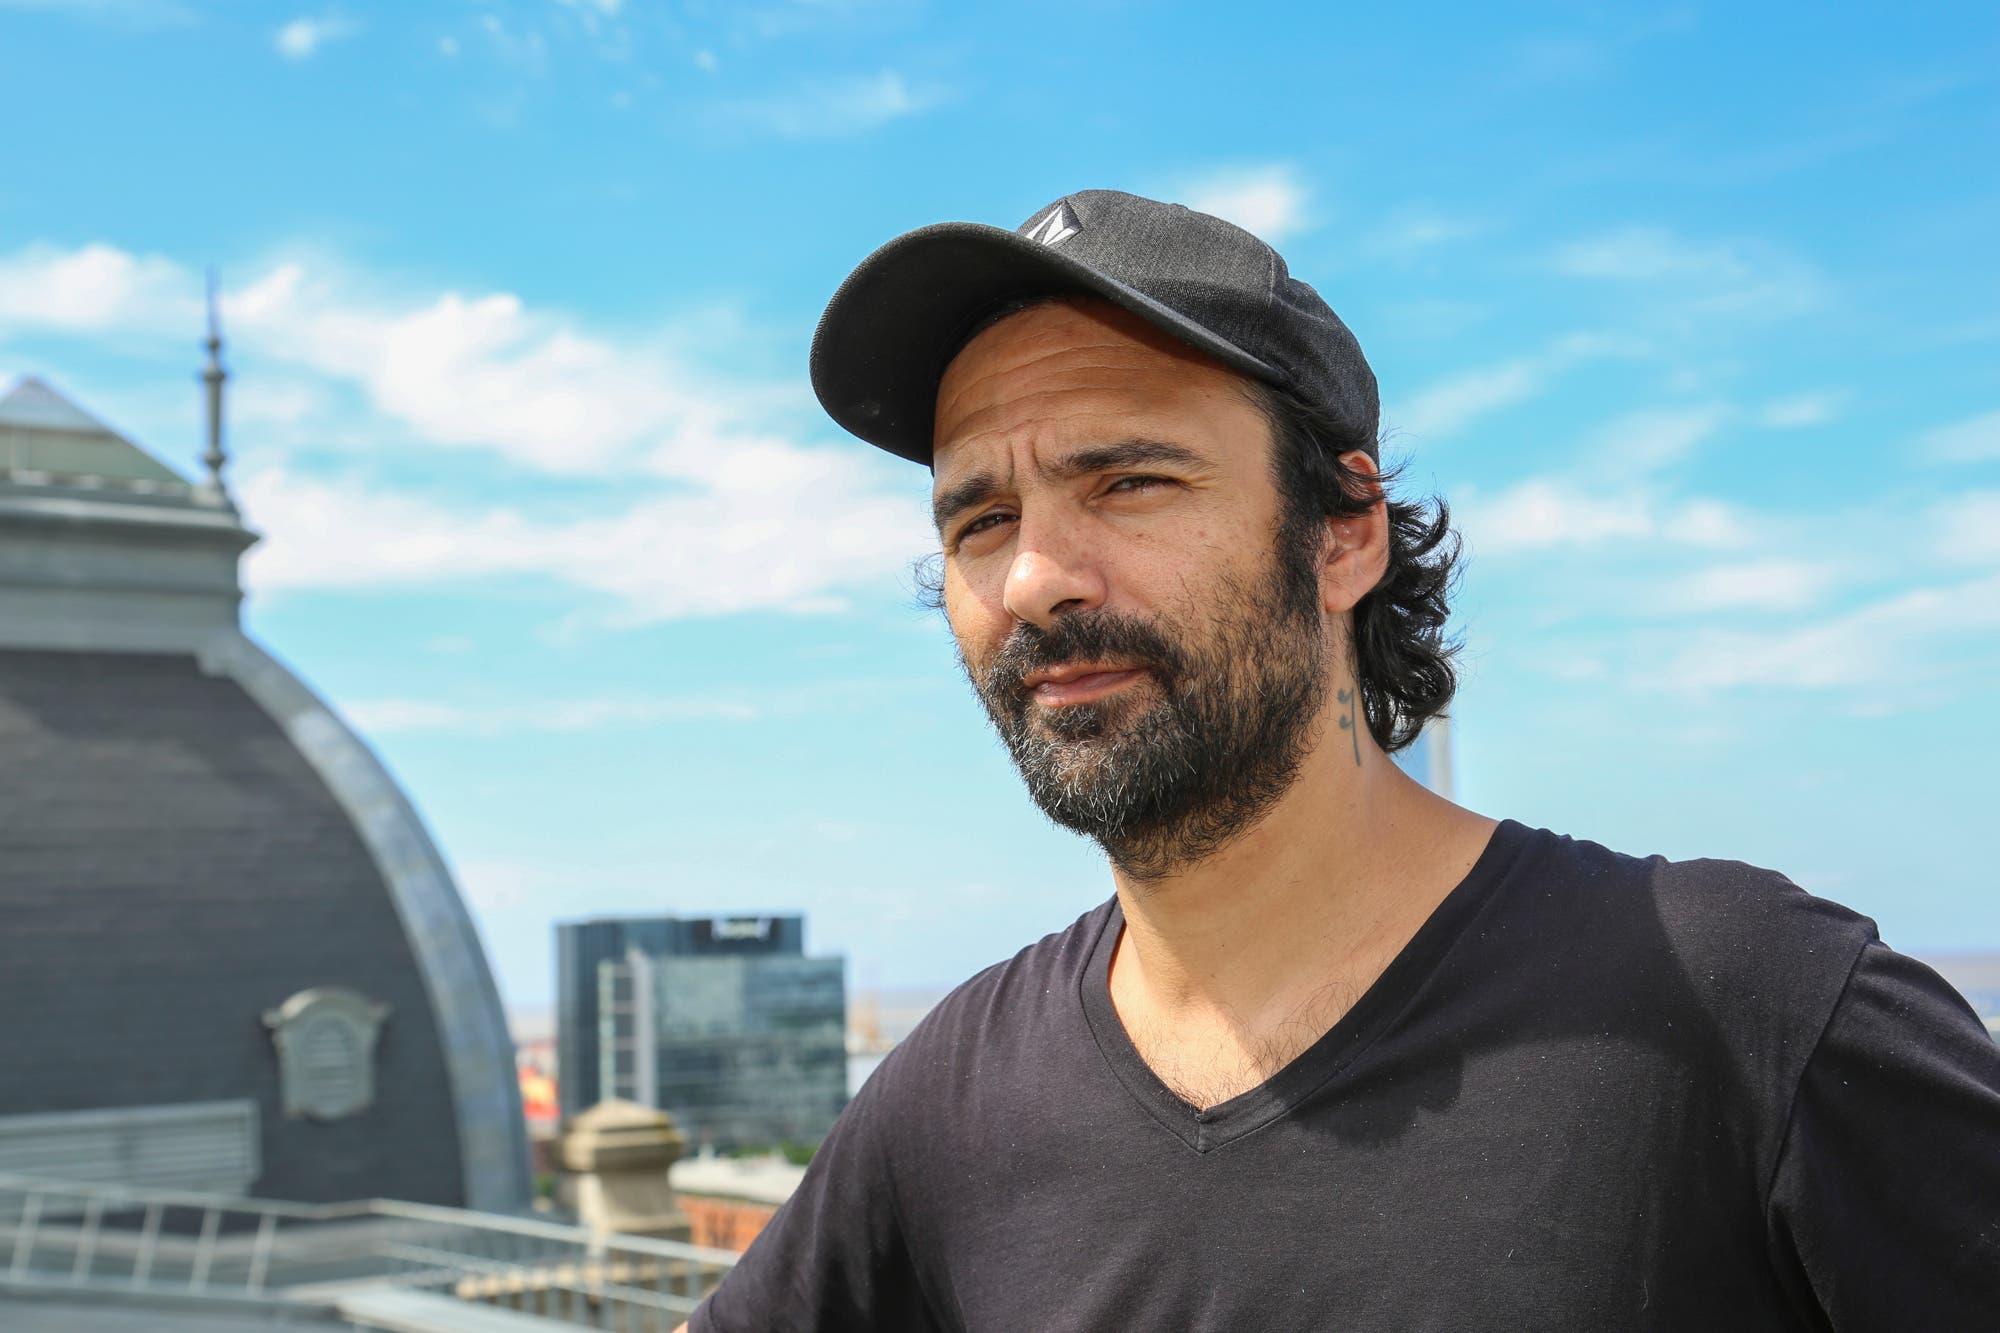 """Nicolás Sorín: """"Mi sueño es escribir una canción como 'Imagine', que tenga universalidad, sencillez y belleza"""